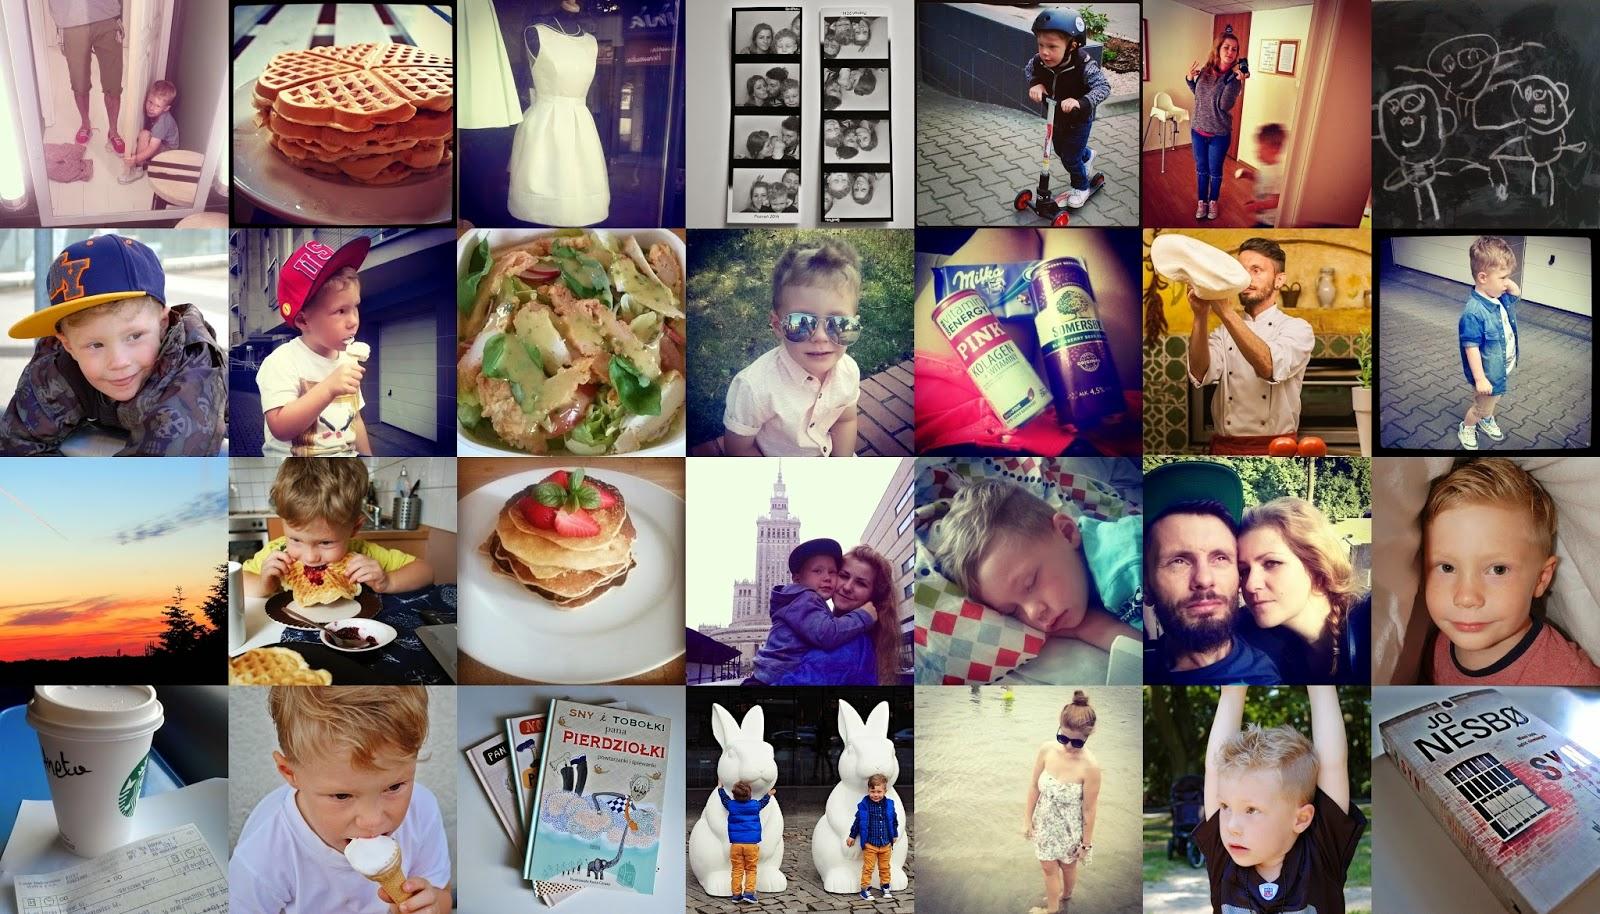 http://minimanlife.blogspot.com/2014/08/instagram-mix.html